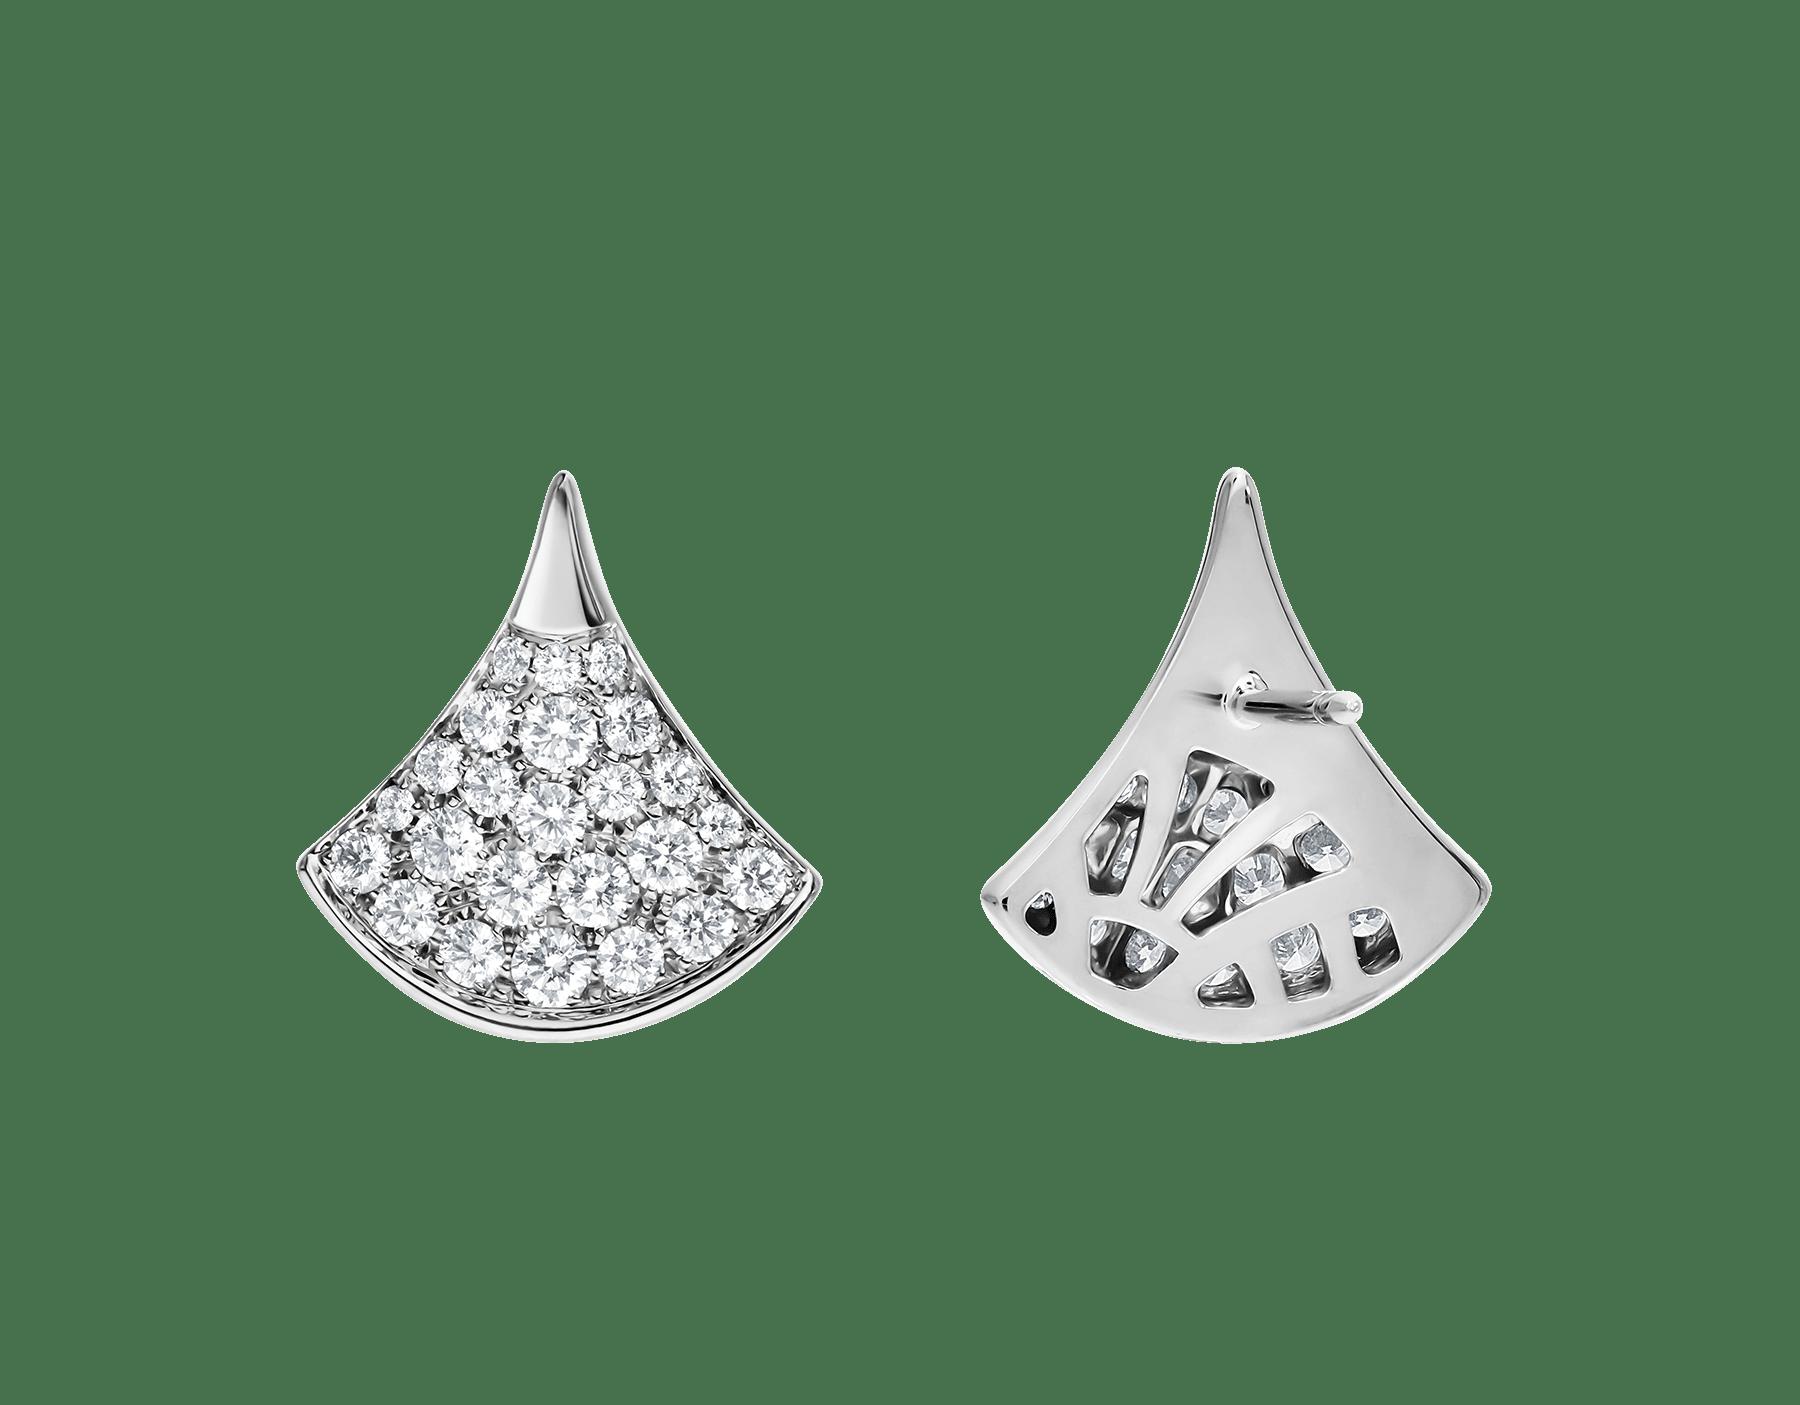 Les boucles d'oreilles DIVAS' DREAM révèlent l'élégance raffinée de chaque diva grâce à la pureté de leur silhouette féminine et l'association classique et intemporelle du pavé diamants et de l'or blanc. 352602 image 3